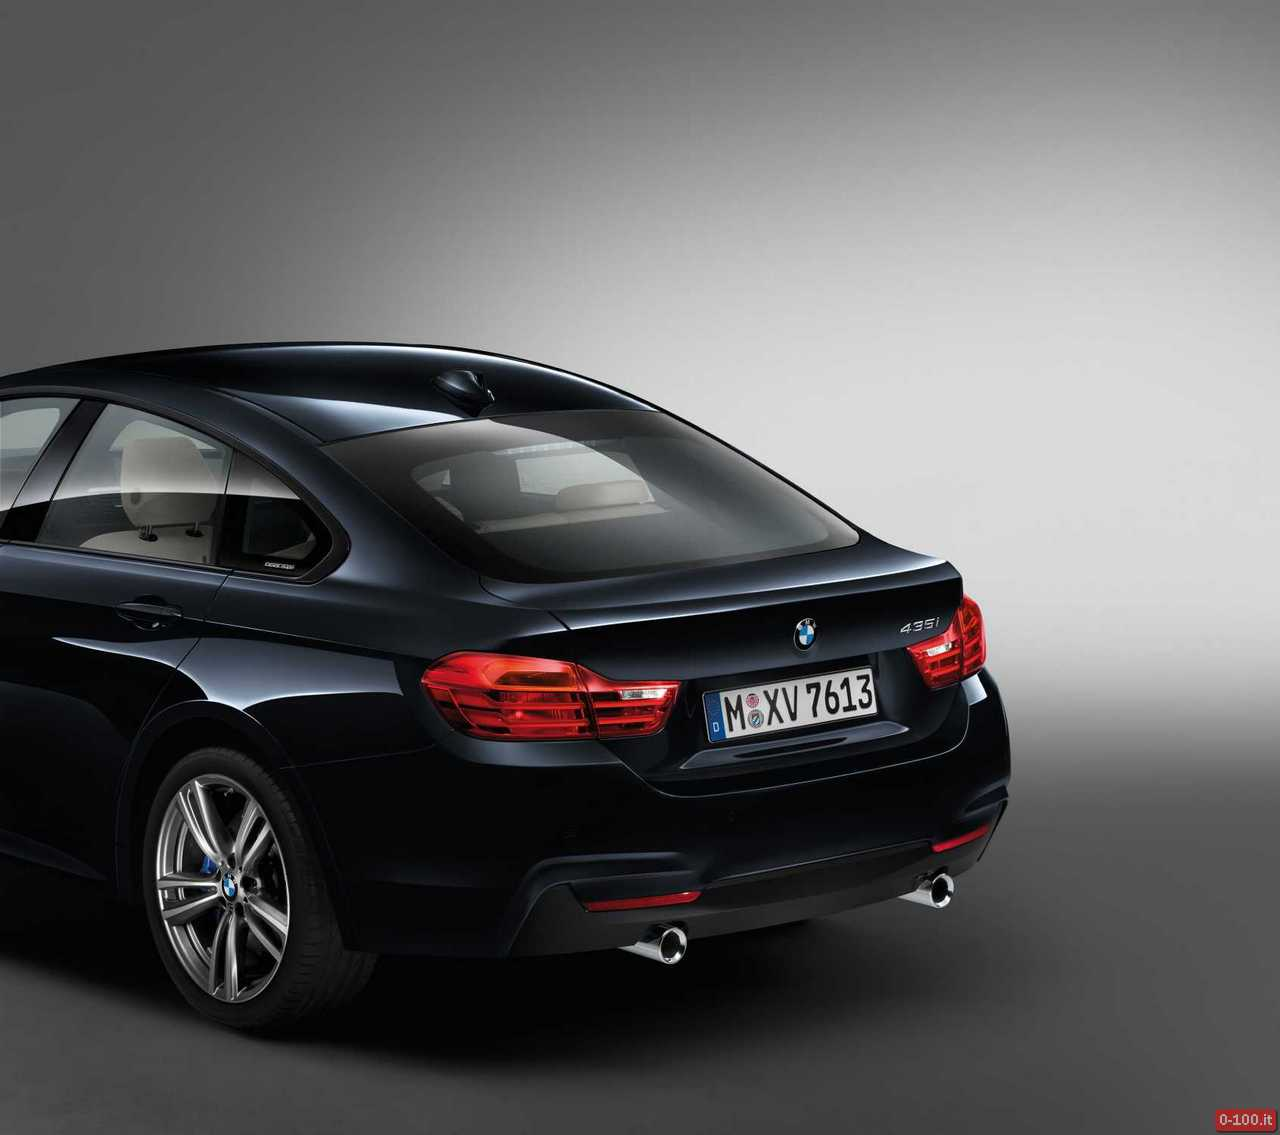 bmw-serie-4-gran-coupe-prezzo-price-ginevra-geneve-2014-0-100_105